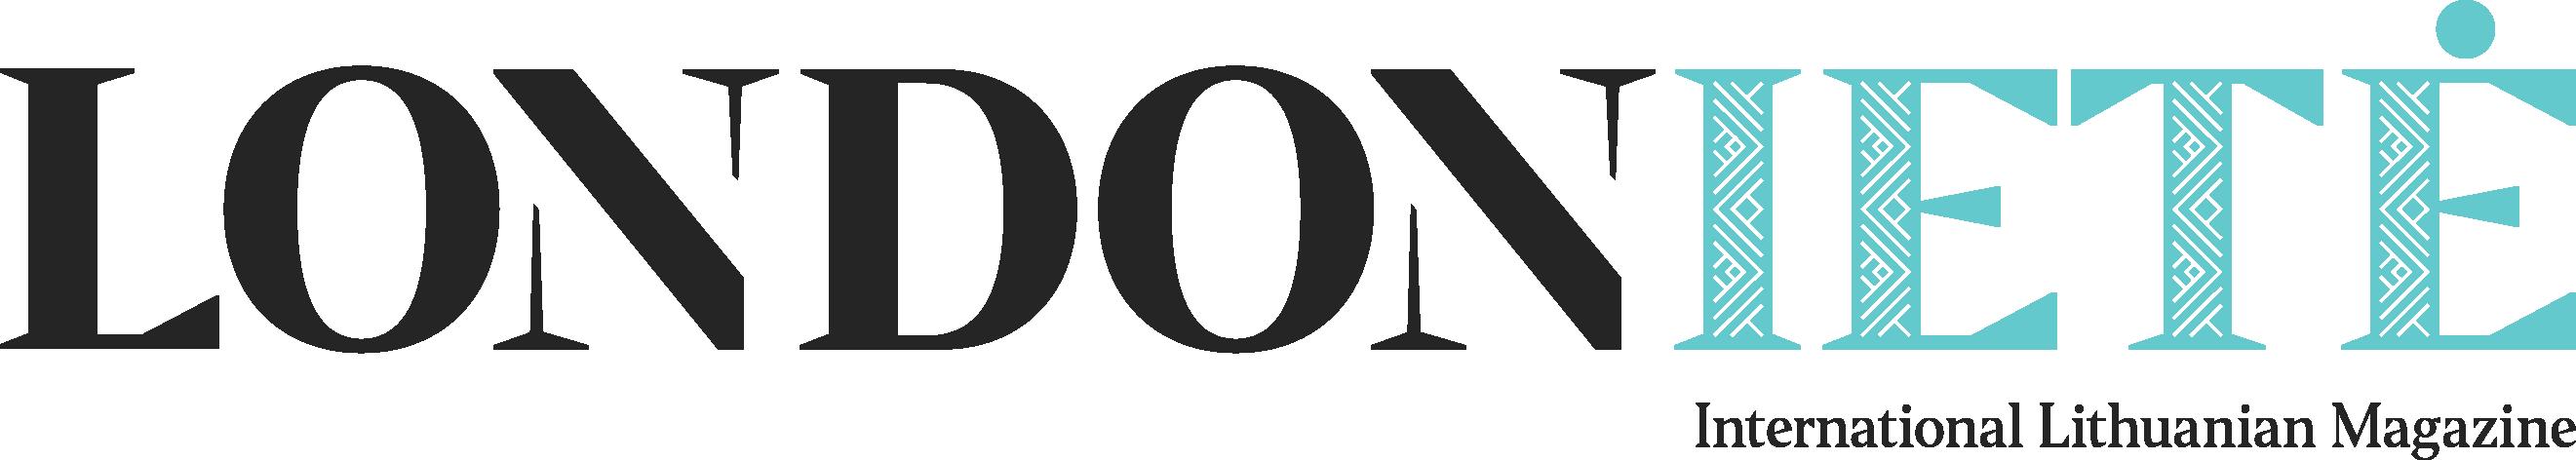 Londoniete Hero 2 logo 2650x557